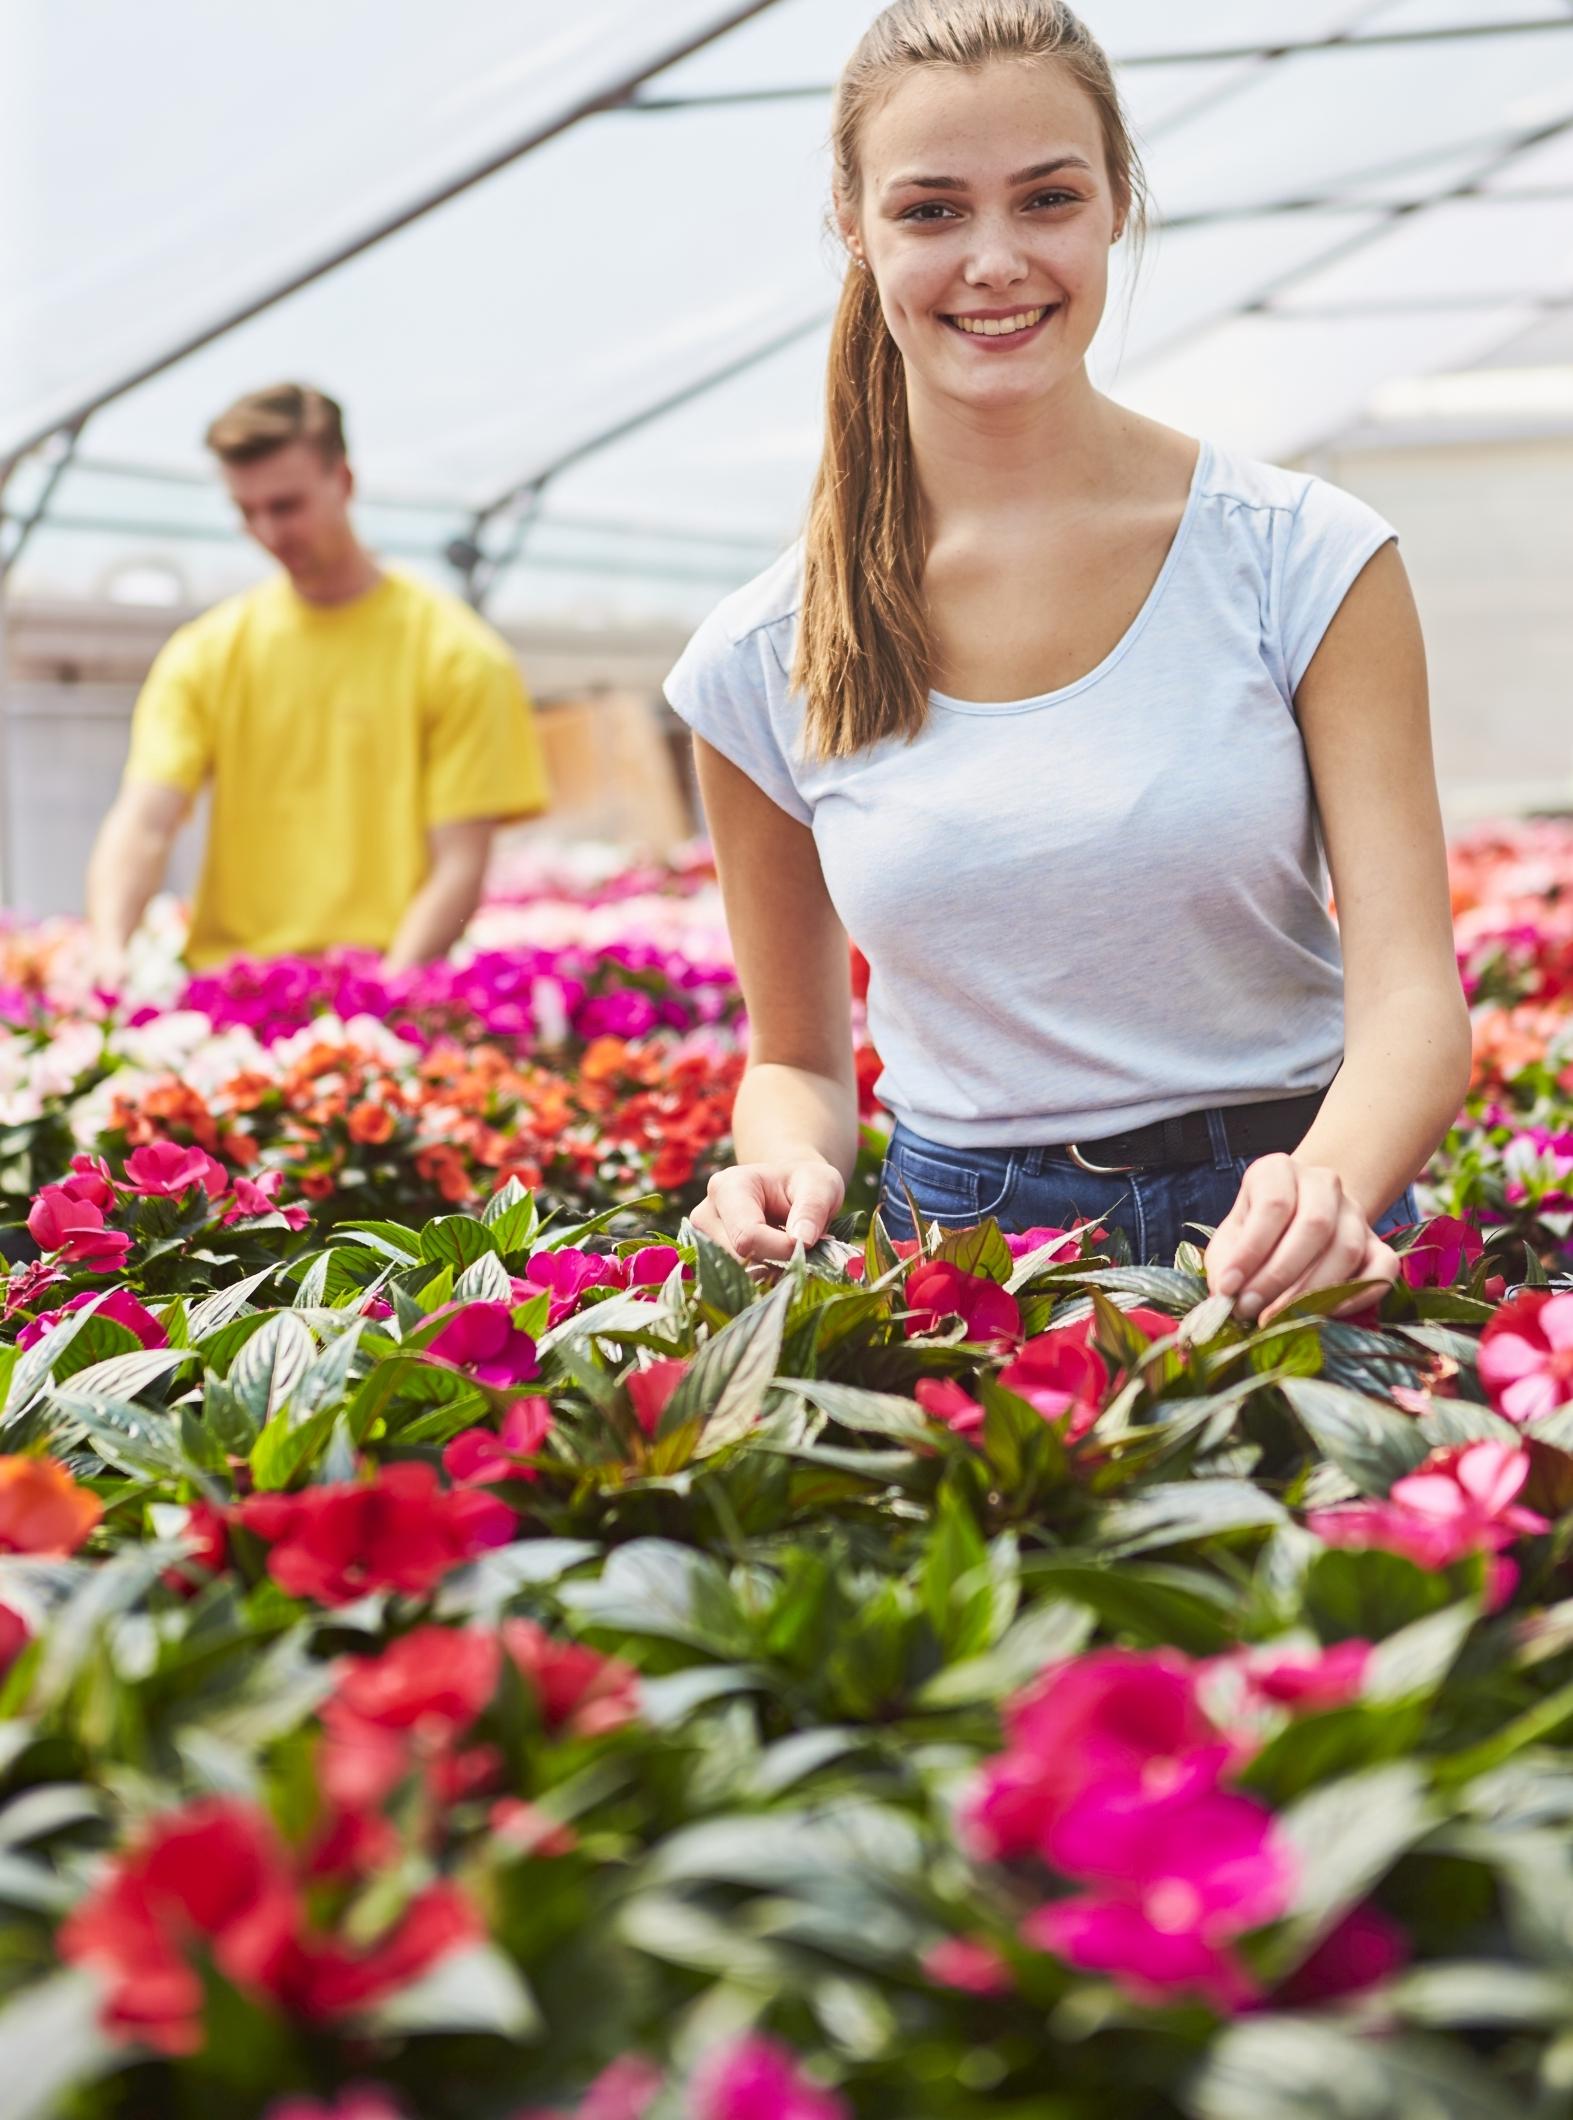 Machen Sie sich den Sommer richtig schön – mit tollen Pflanzen aus der Gärtnerei